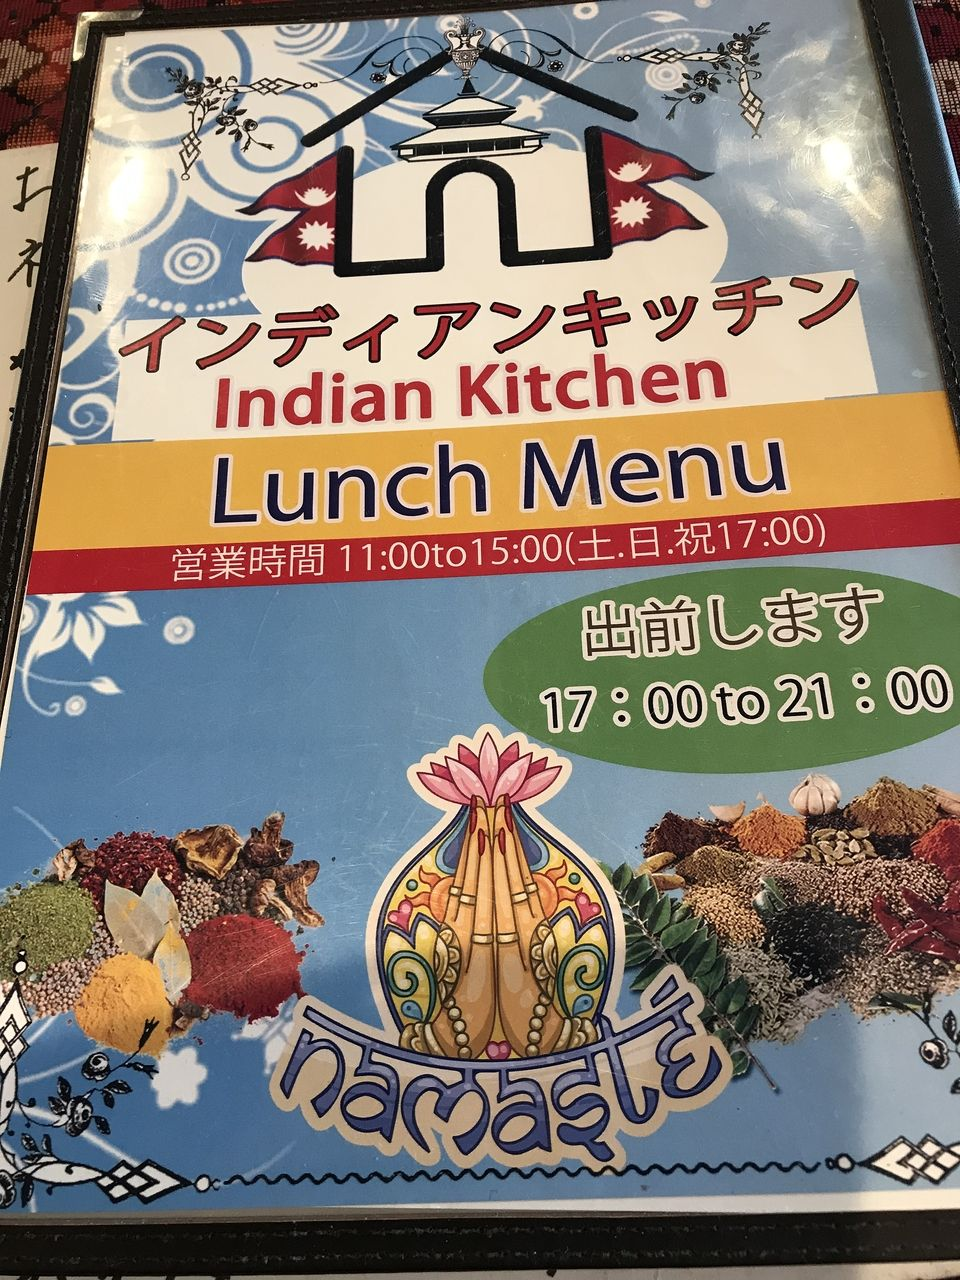 行徳のインディアンキッチンのランチメニュー